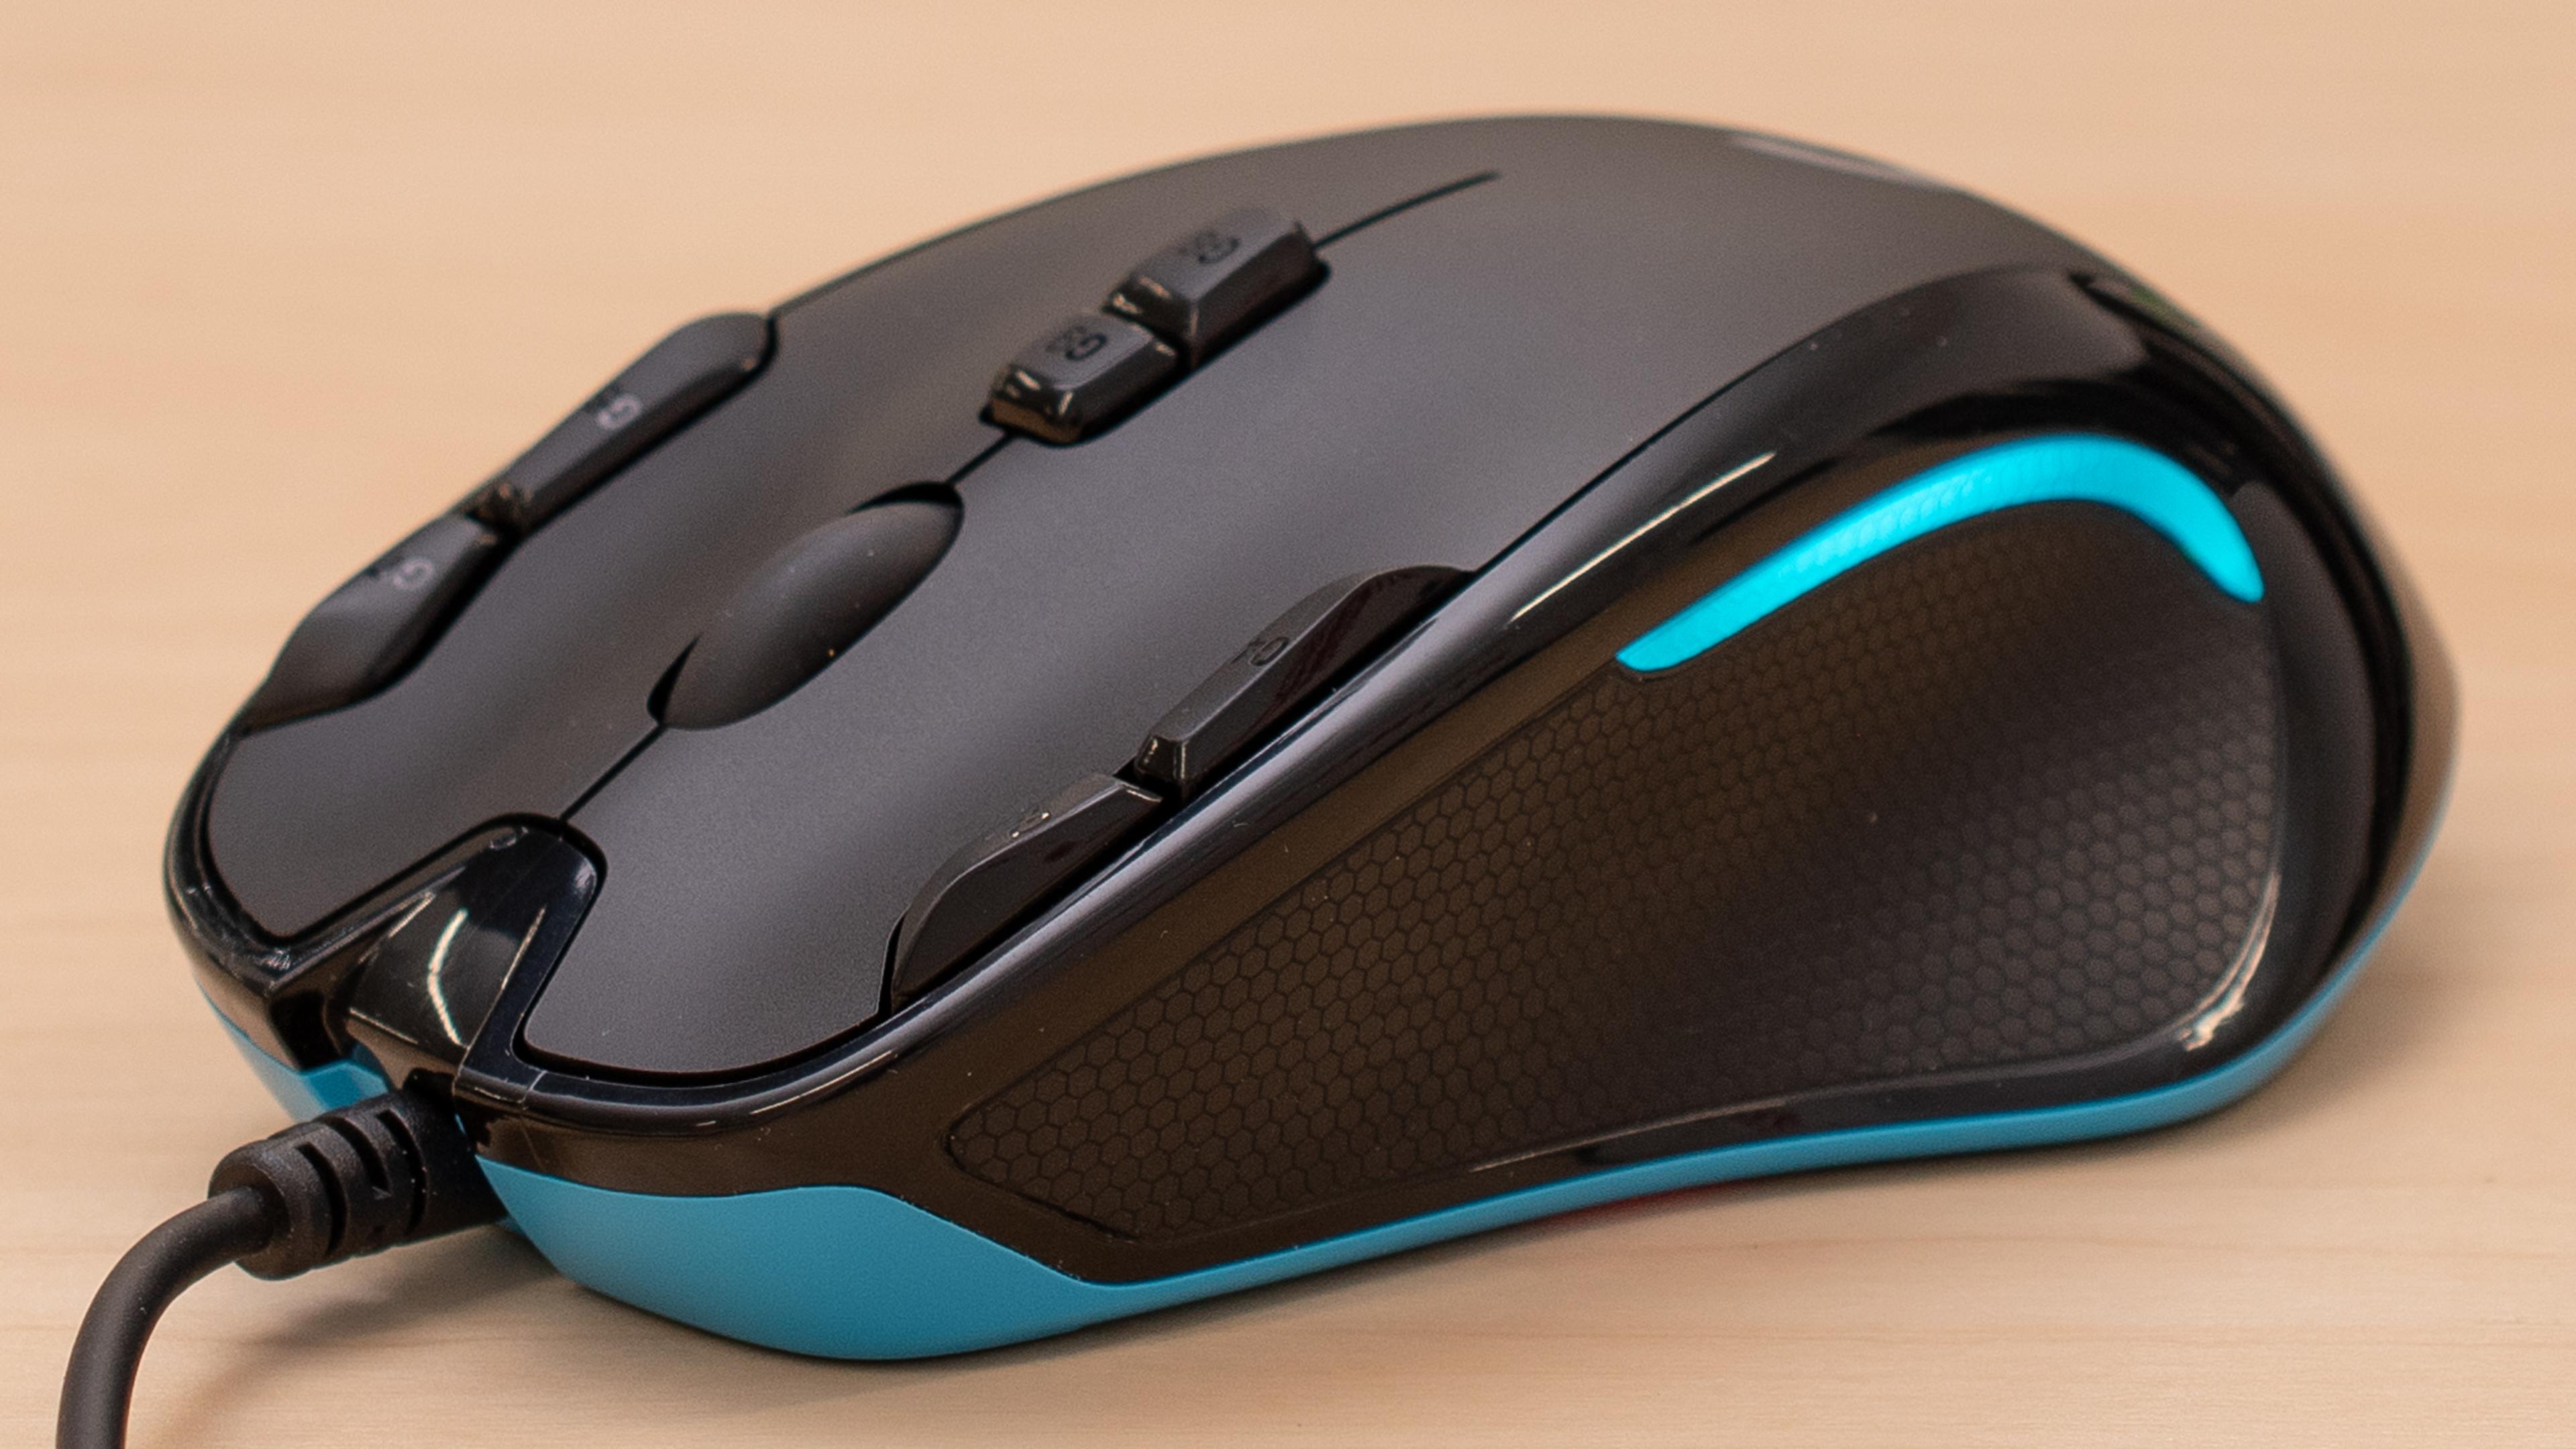 g300s design large - 5 Mouse Gaming Murah Berkualitas Bagus di Tahun 2020